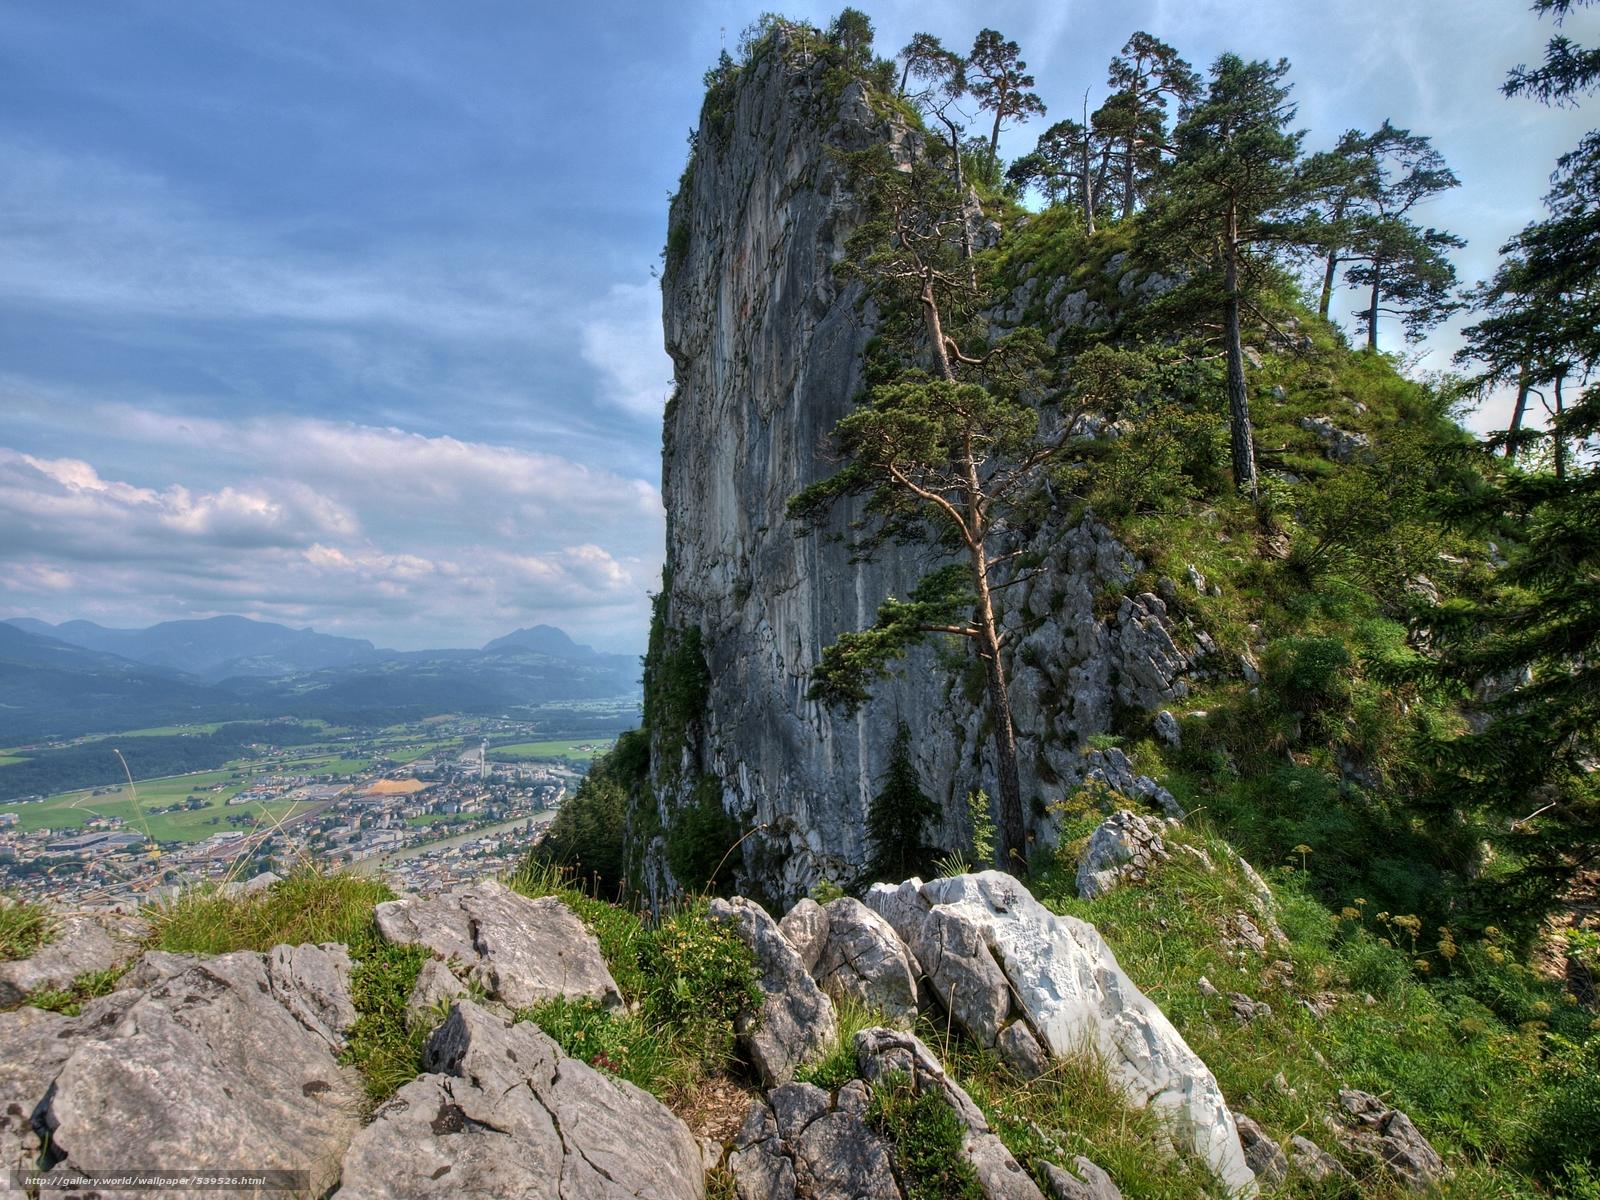 Скачать обои Austria,  горы,  скала,  деревья бесплатно для рабочего стола в разрешении 3616x2712 — картинка №539526